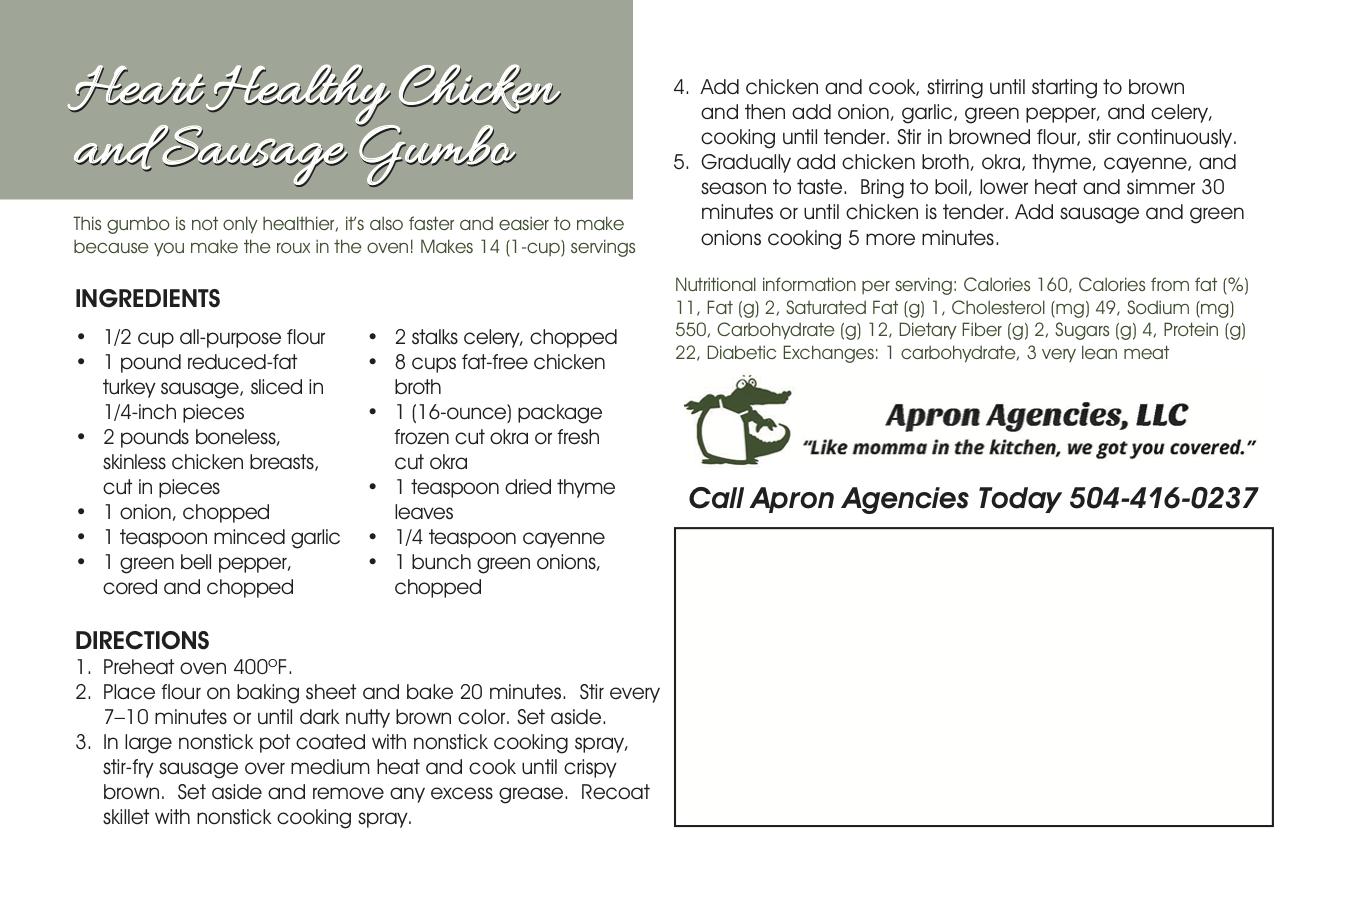 ApronAgencies-Recipes2.png